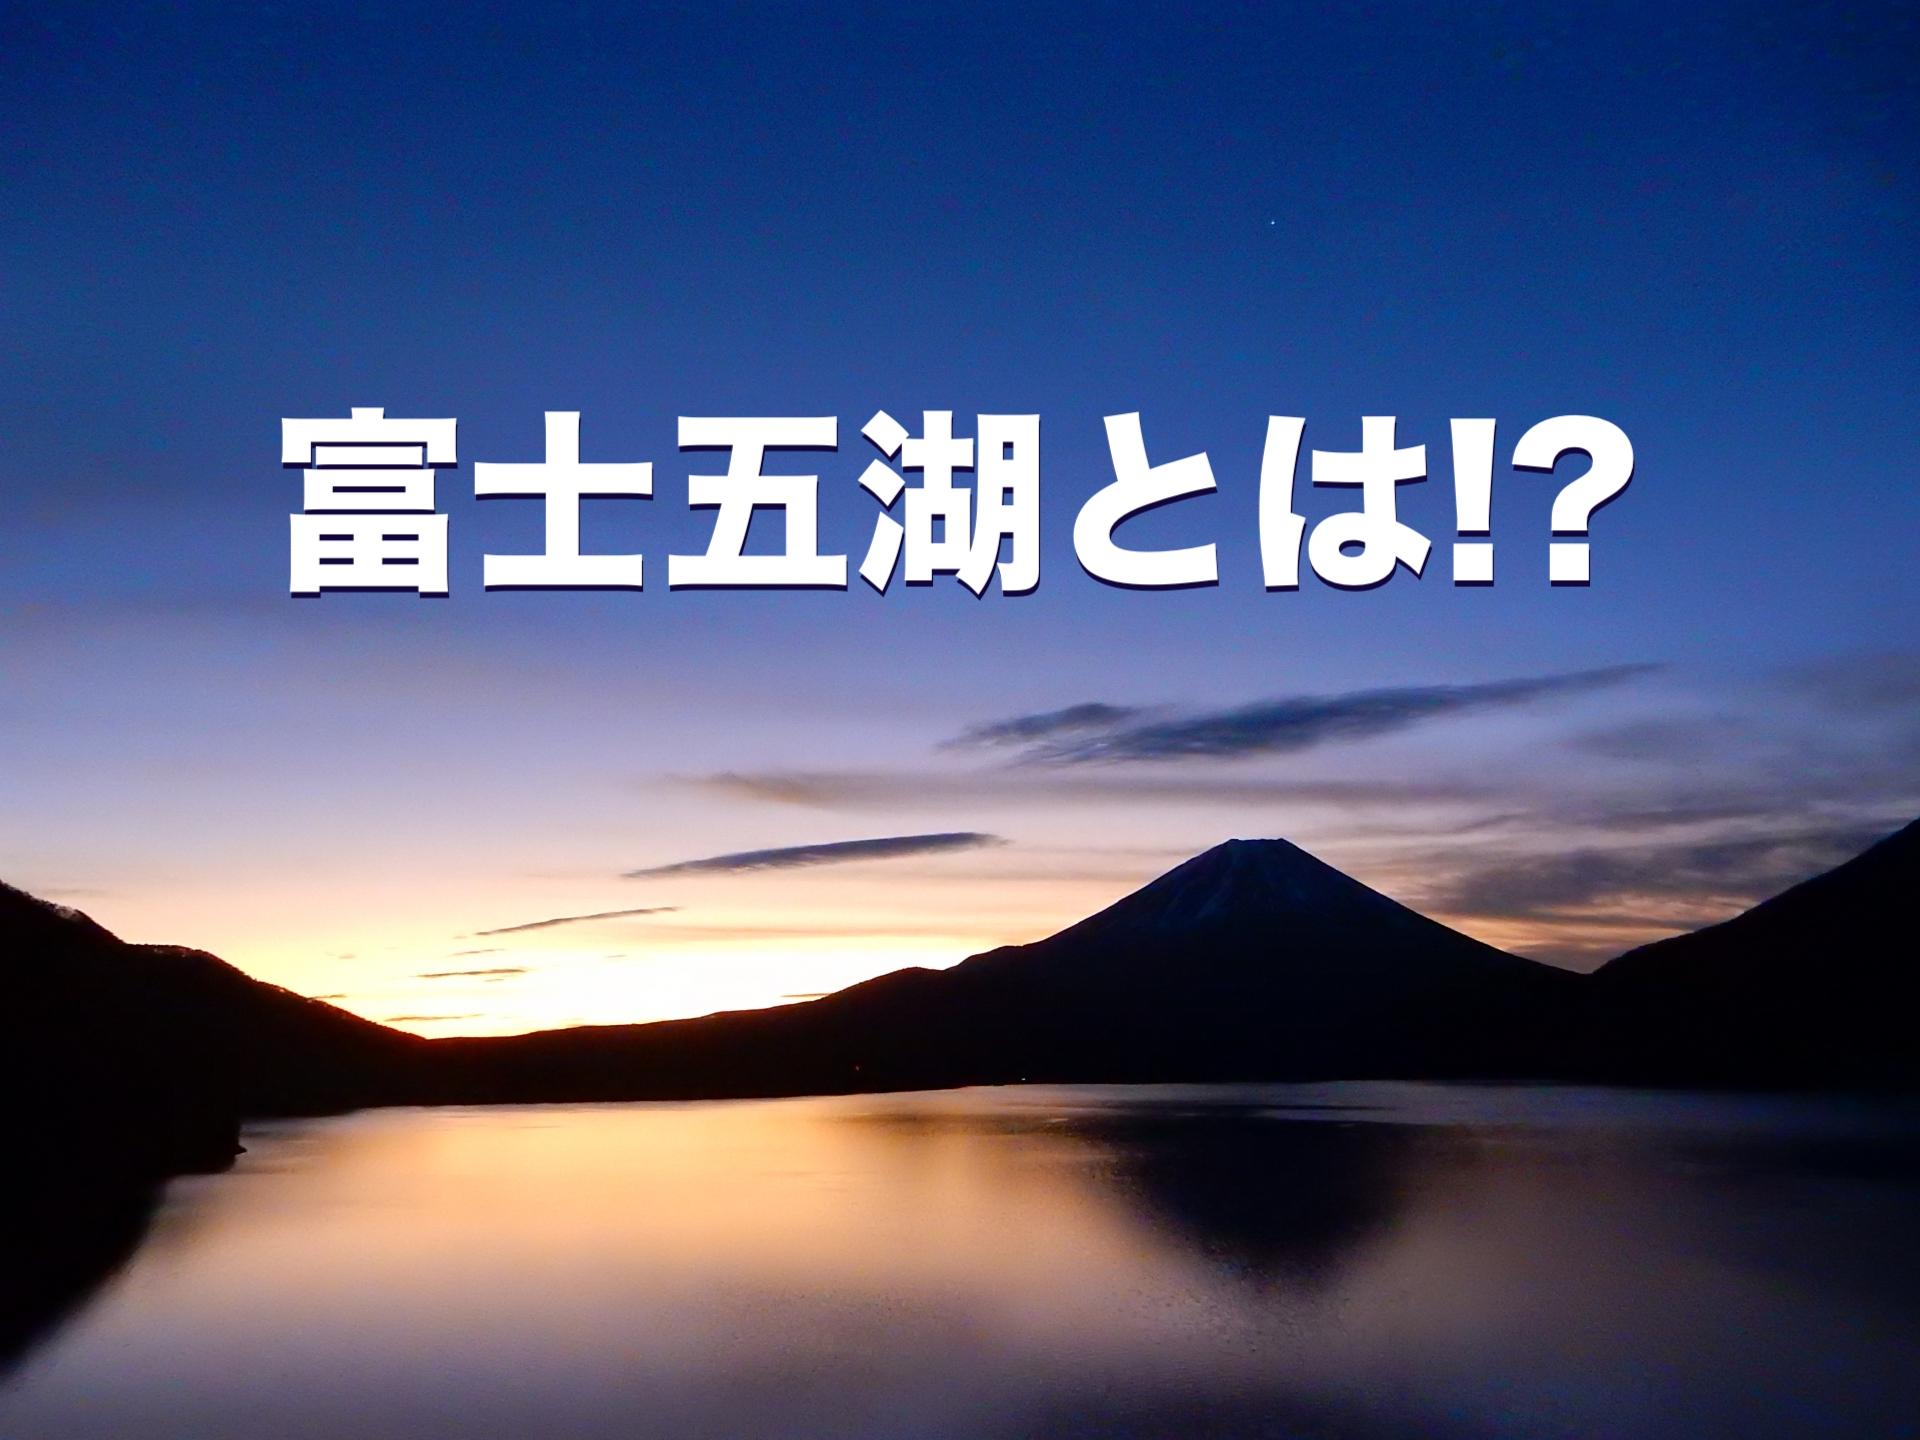 富士五湖とは!?